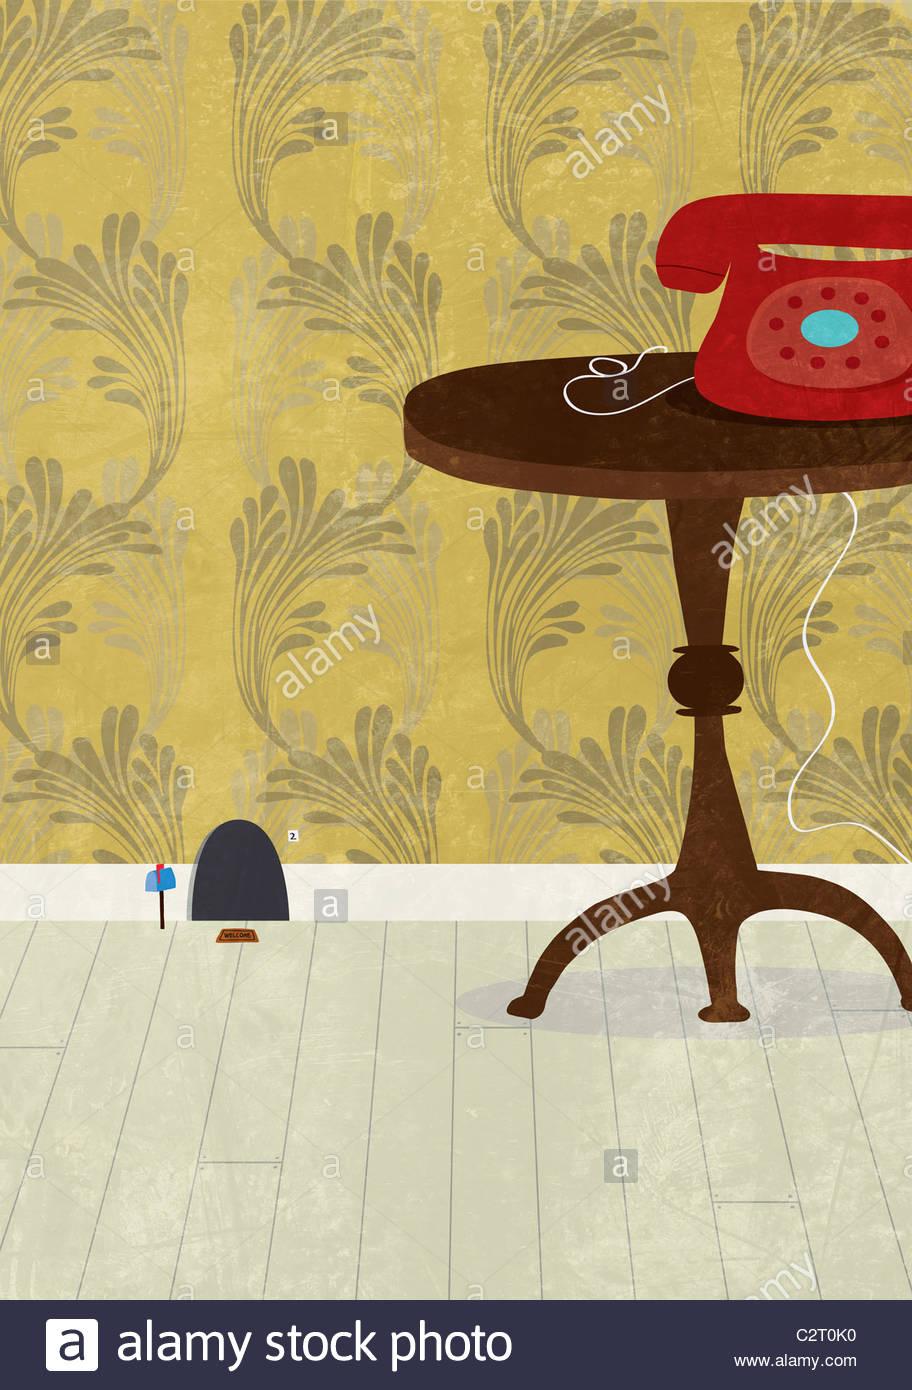 Mauseloch neben Tisch und Telefon Stockbild